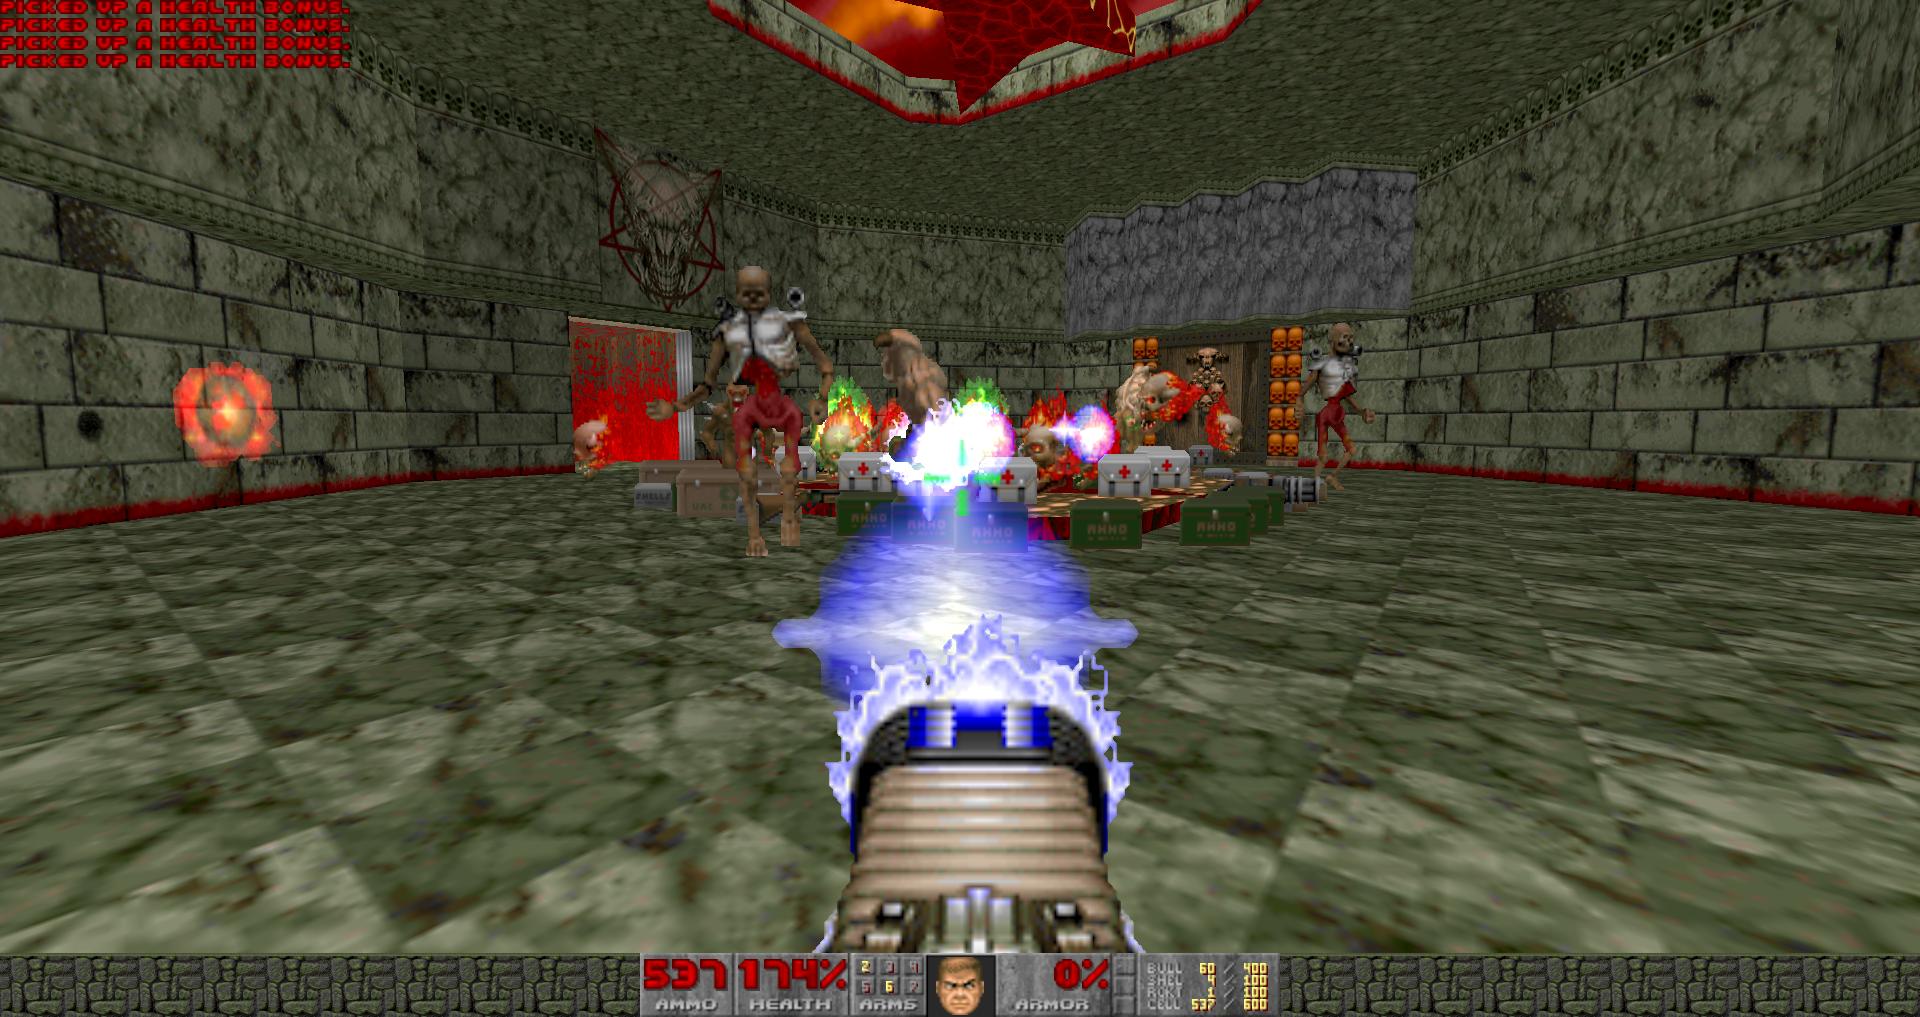 Screenshot_Doom_20200421_192539.png